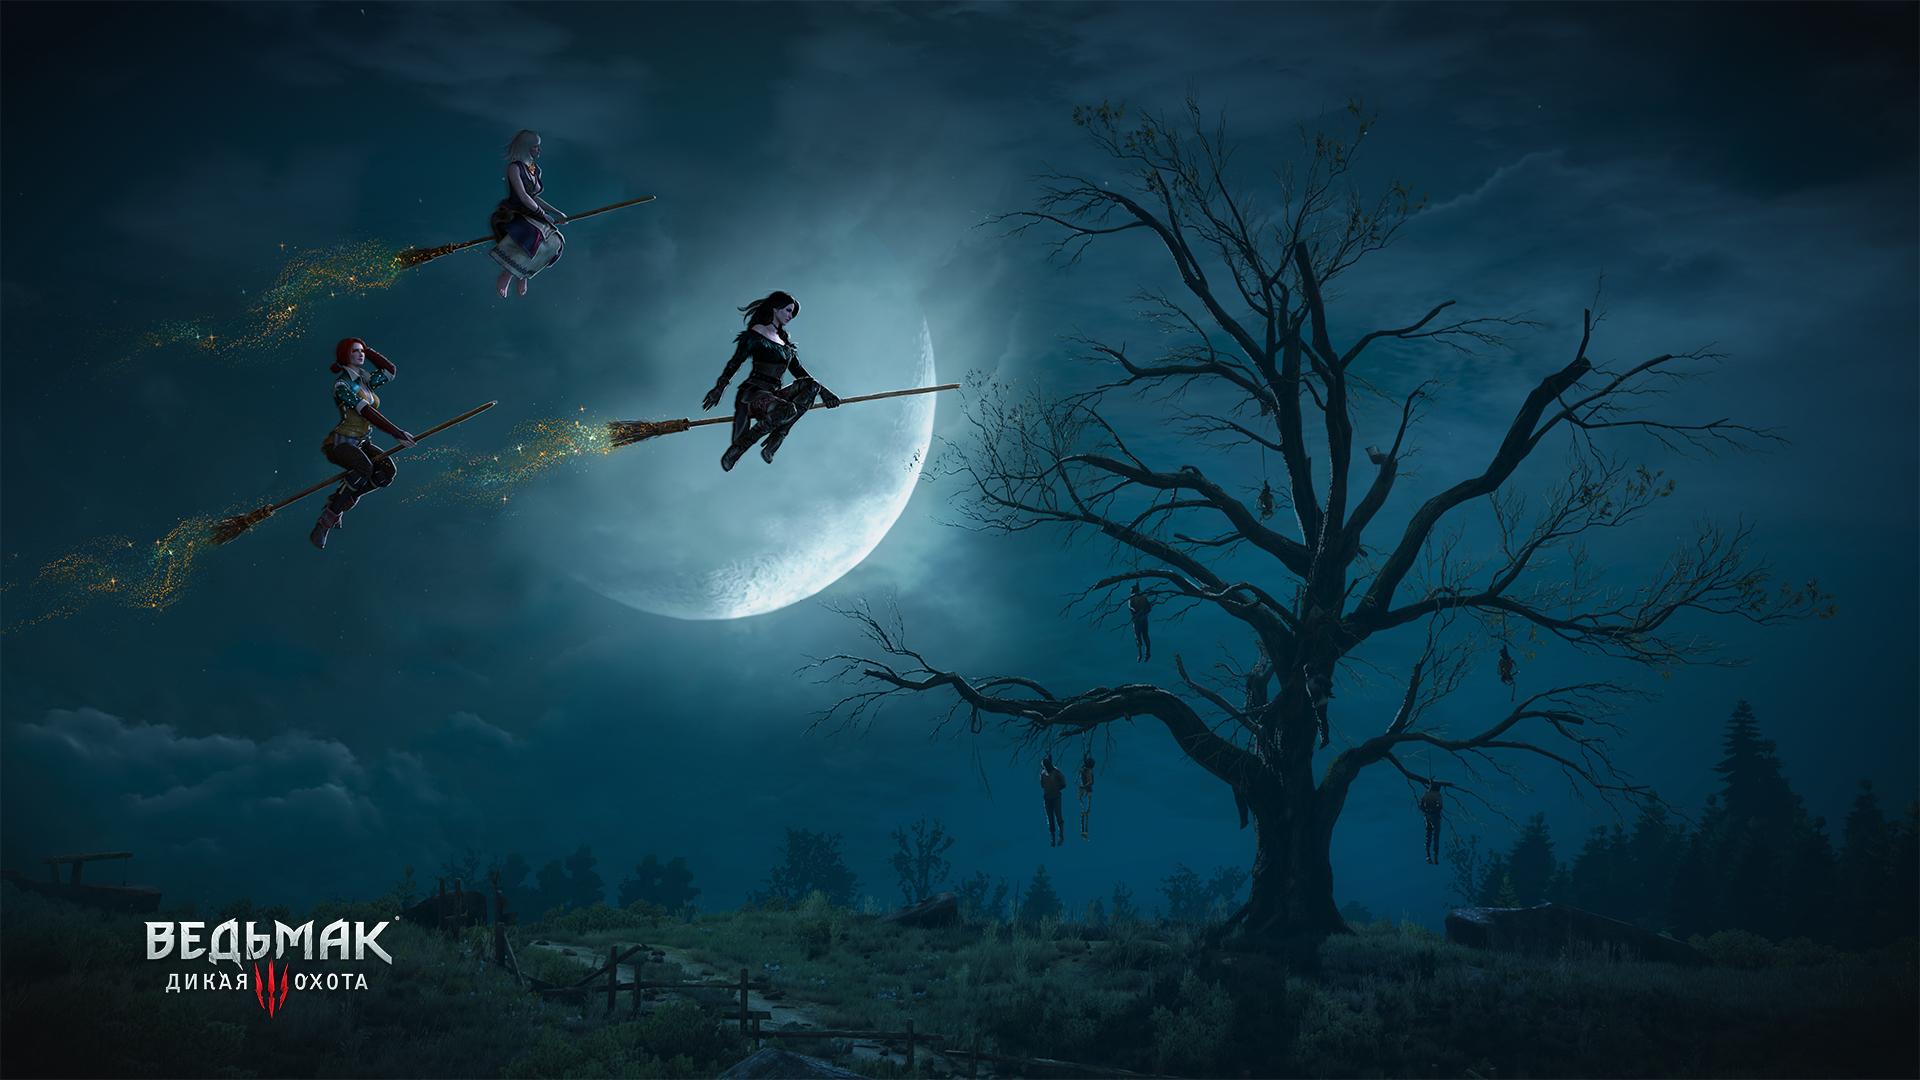 Хэллоуин вместе с Геральтом!    Обои по Ведьмаку к Хэллоуину.    #RВедьмак #Хэллоуин  - Изображение 5